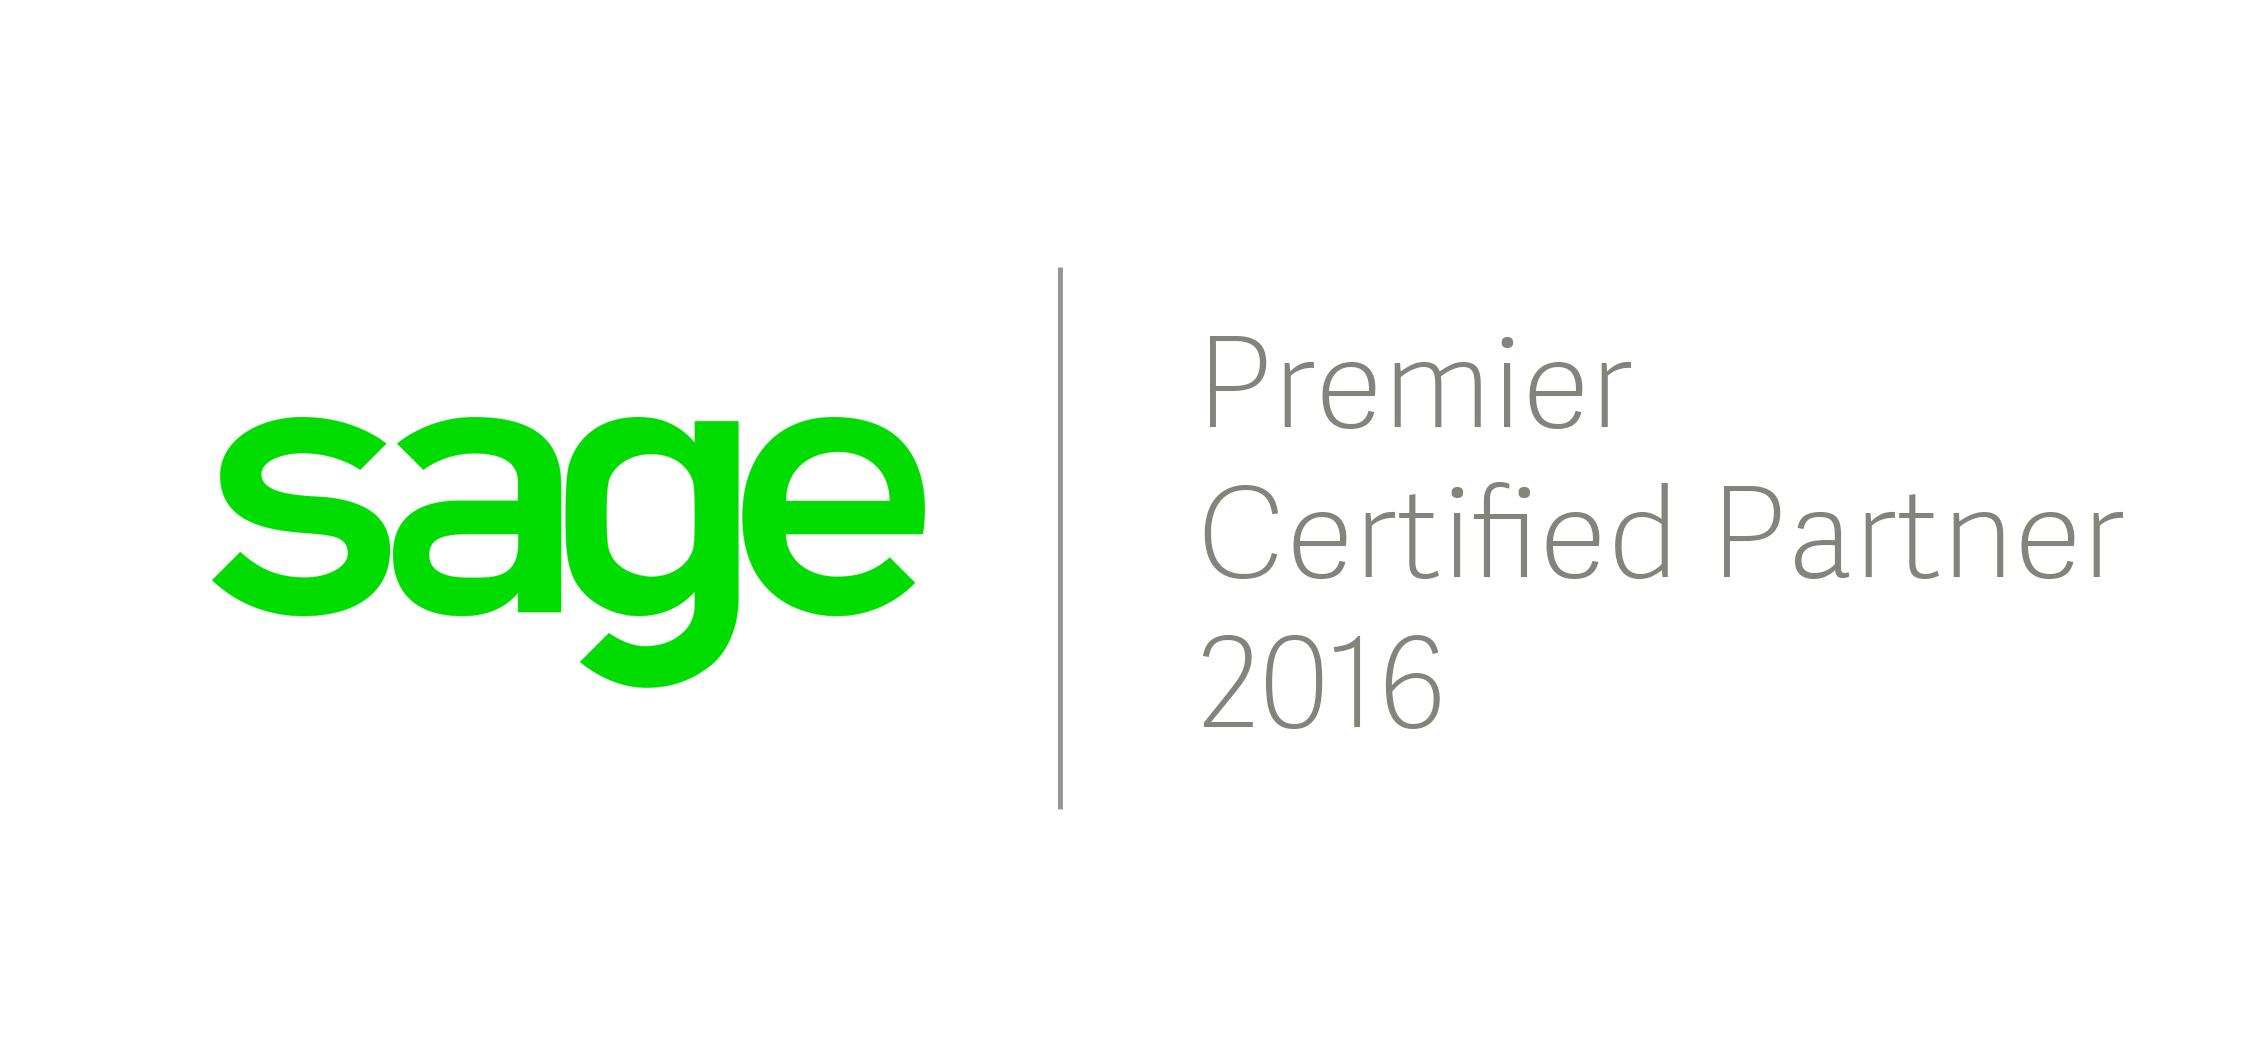 2016 - Sage Premier Partner